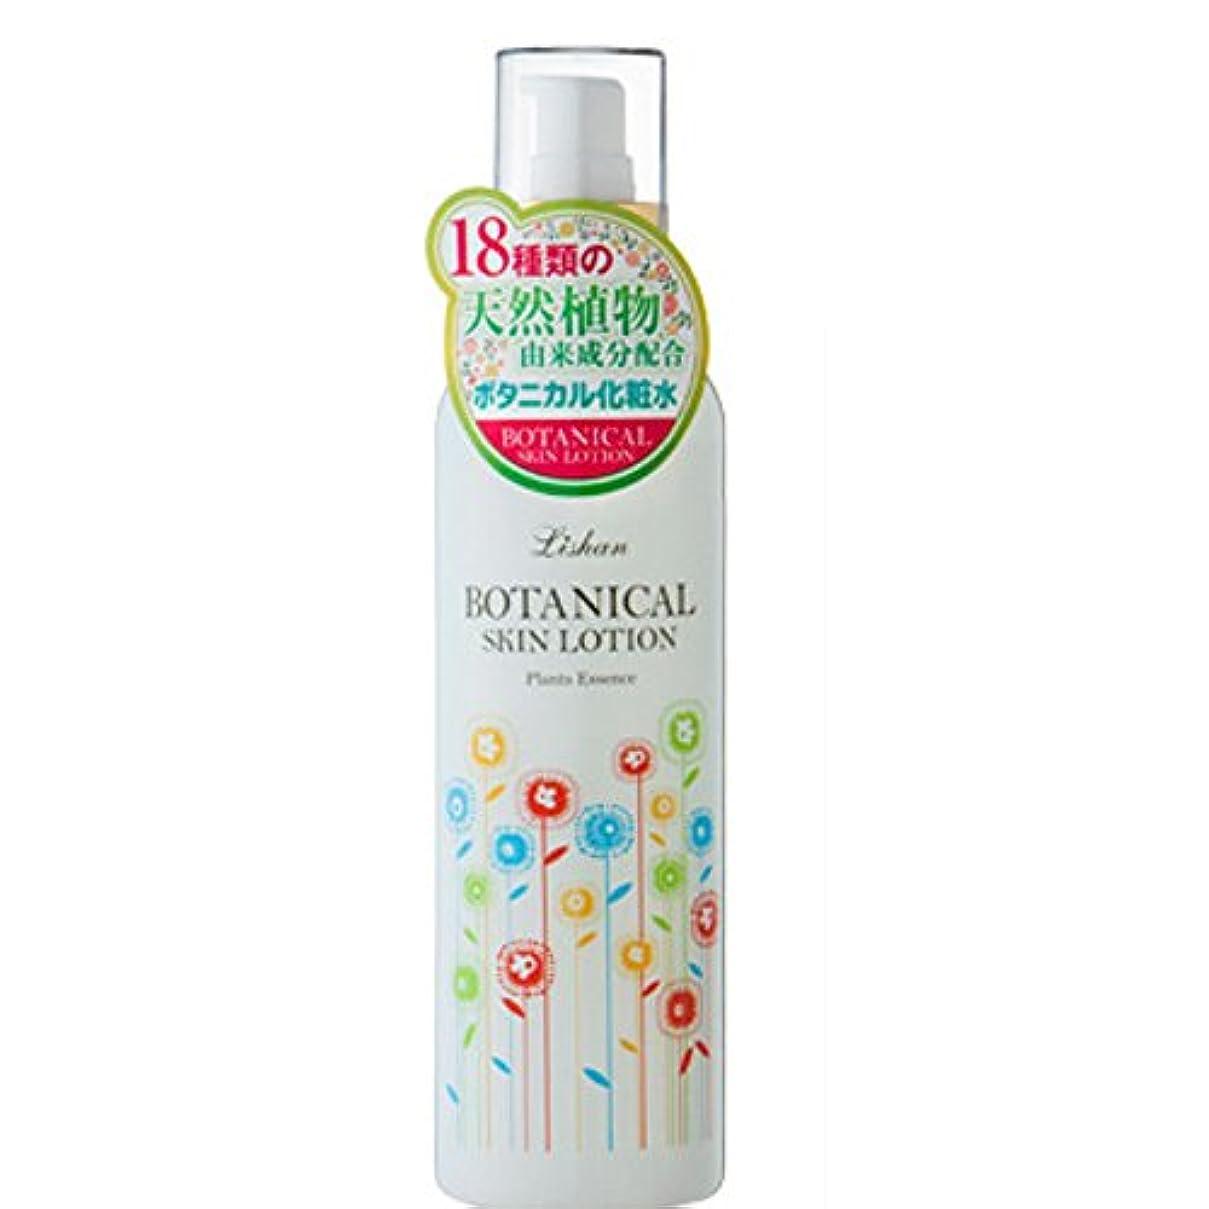 であること日食スペルアイスタイル リシャン ボタニカル化粧水 フローラルの香り 260ml